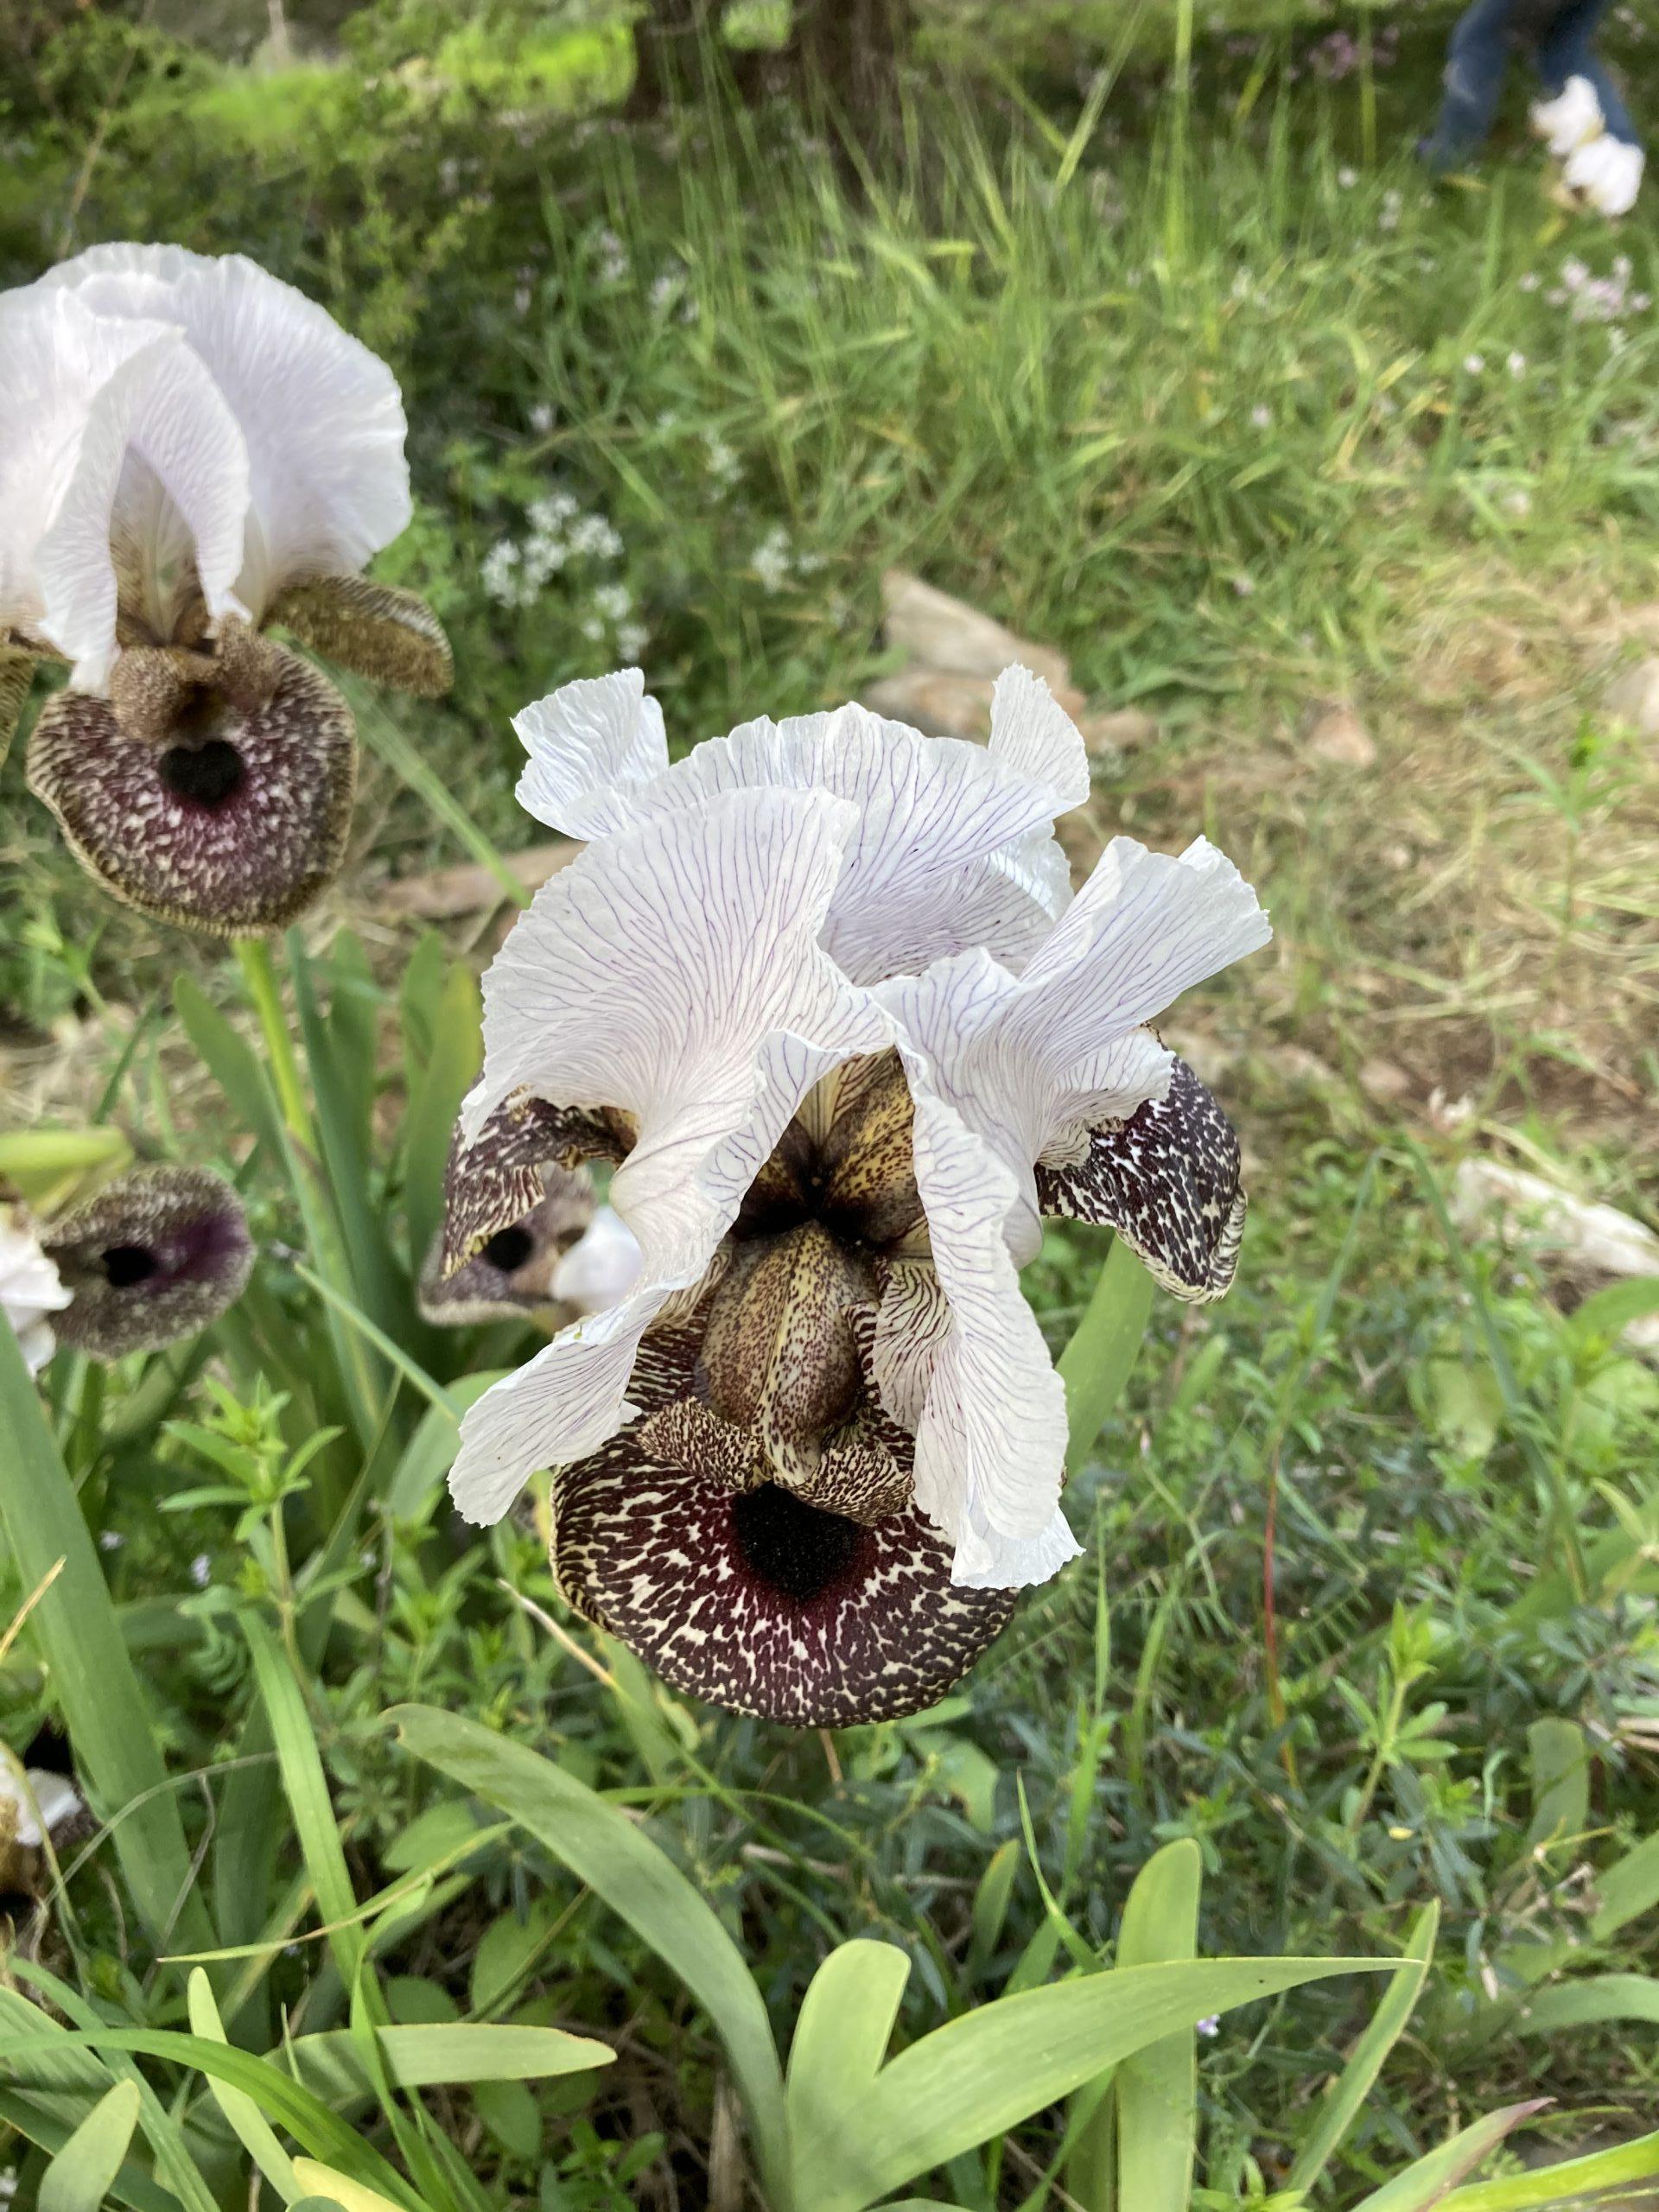 Nazareth Iris, MITF, Nazareth, hiking, nature, city, flowers